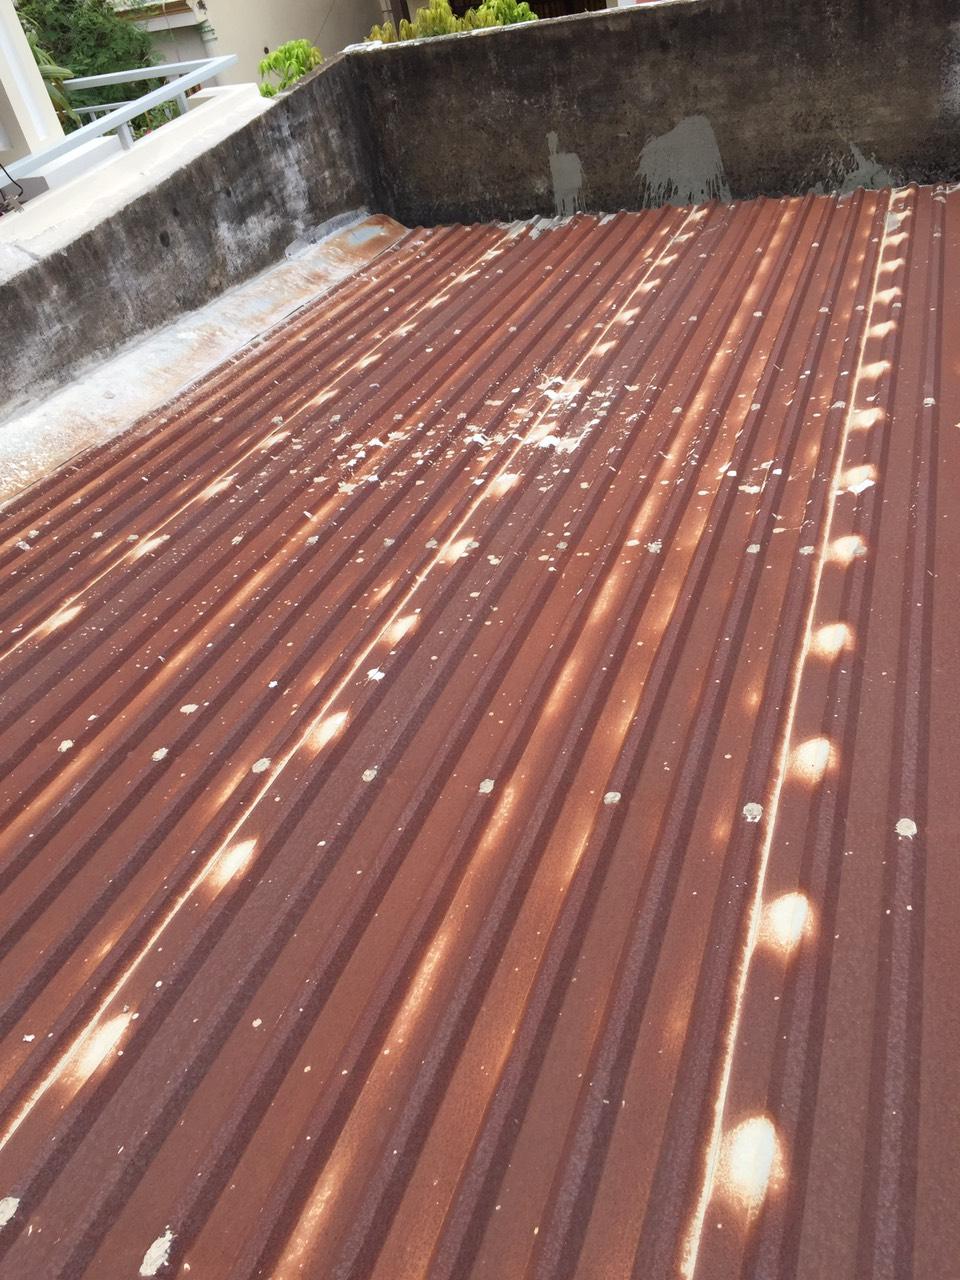 lắp mái tôn quận Gò Vấp 0368115251 chống dột mái tôn báo giá mái tôn làm mái tôn giá rẻ tphcm